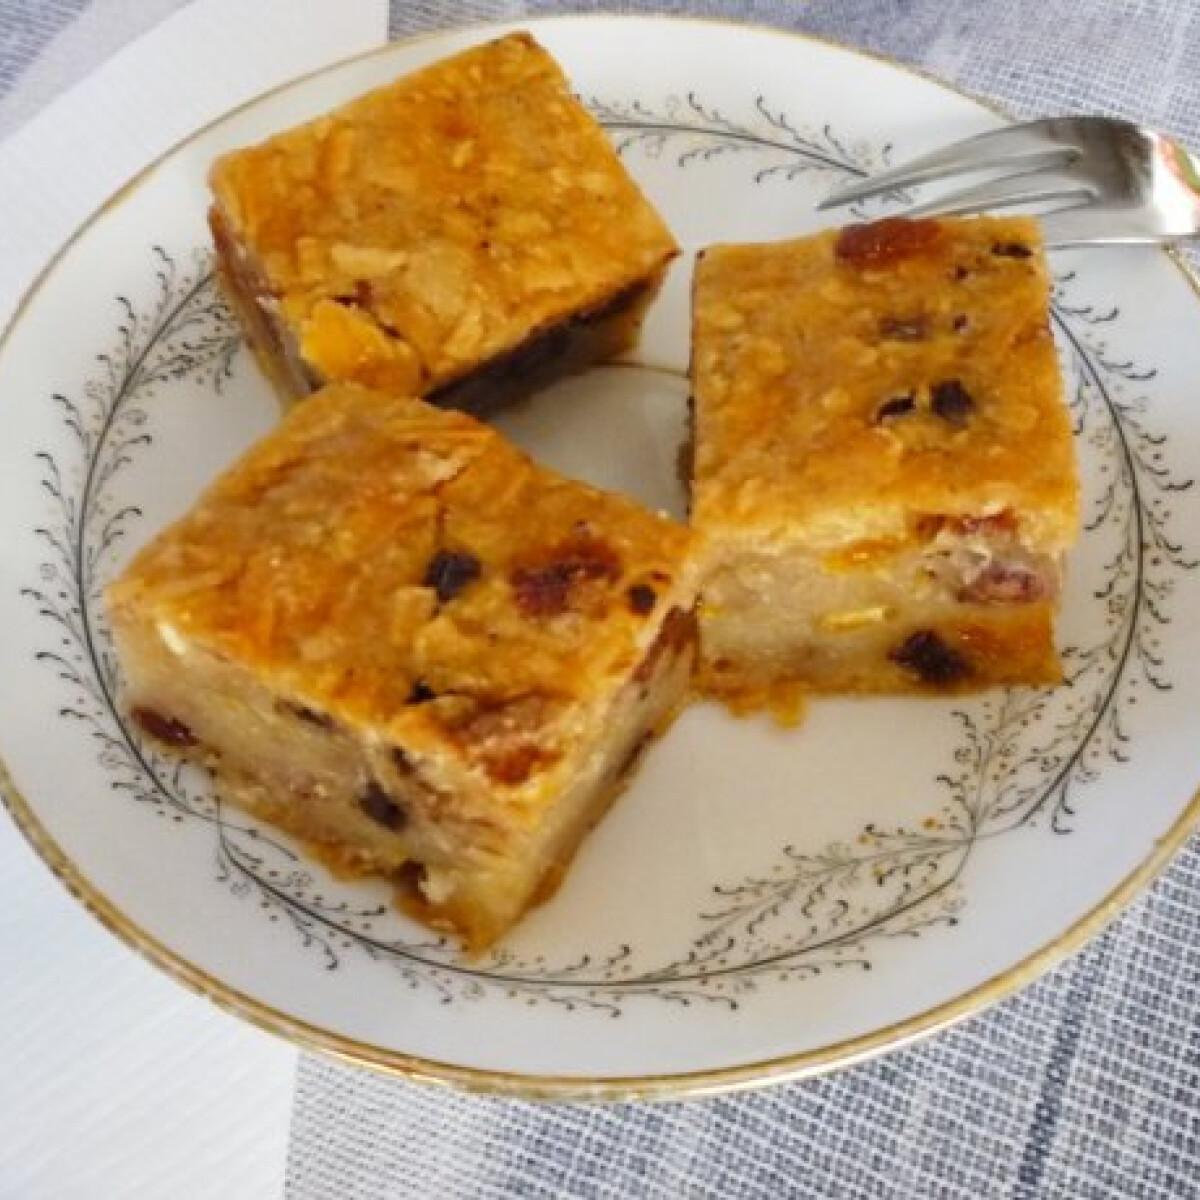 Ezen a képen: Almás kenyér Pogácsa konyhájából